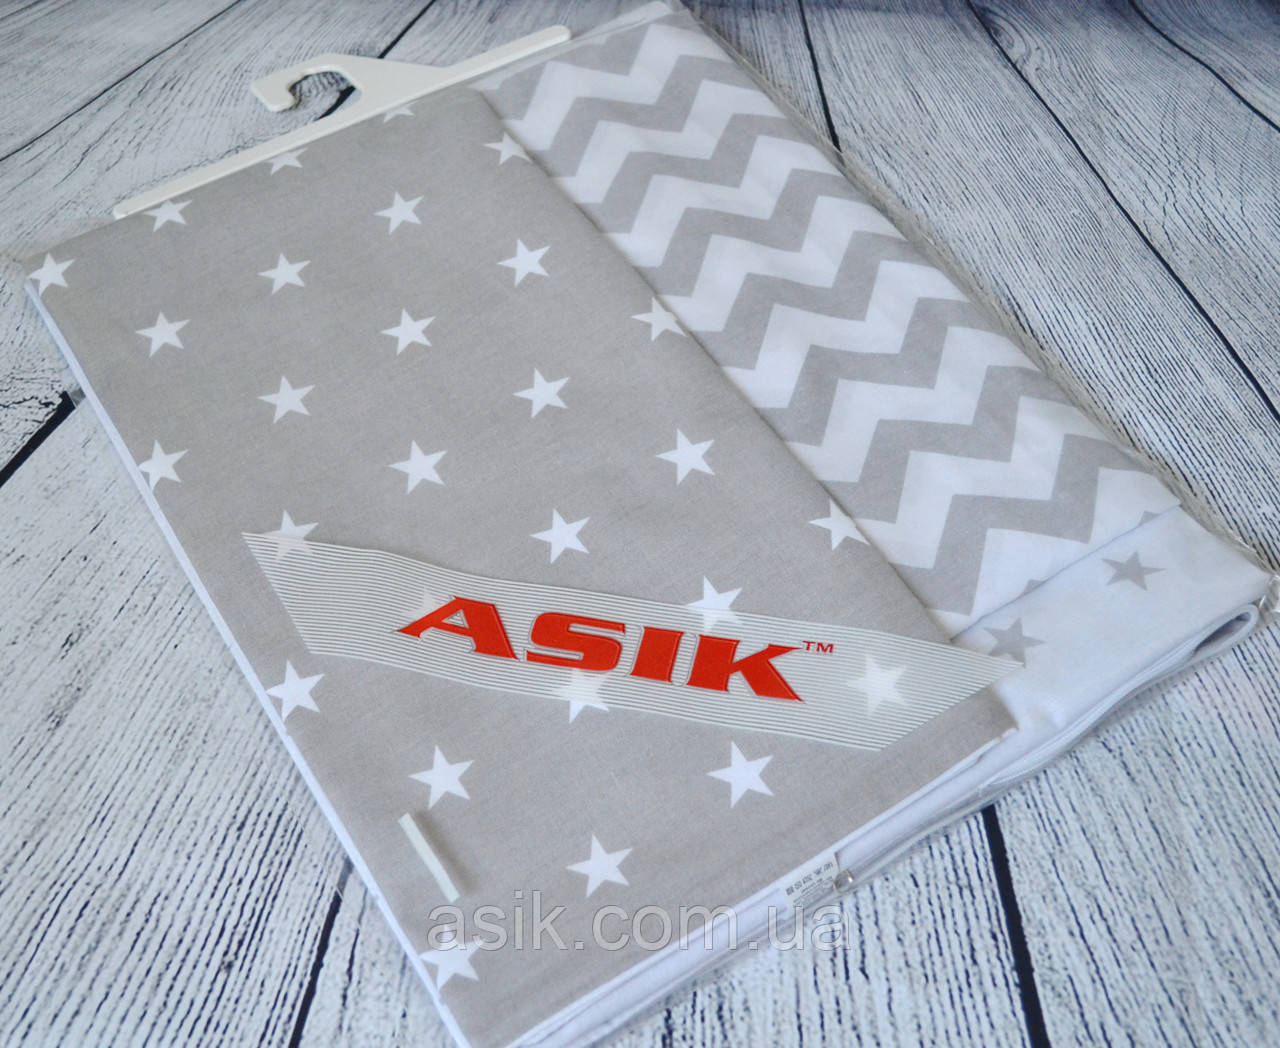 Розбірна дитяча постіль Asik Зигзаги і зірки сірого кольору 3 предмета (З-0016)